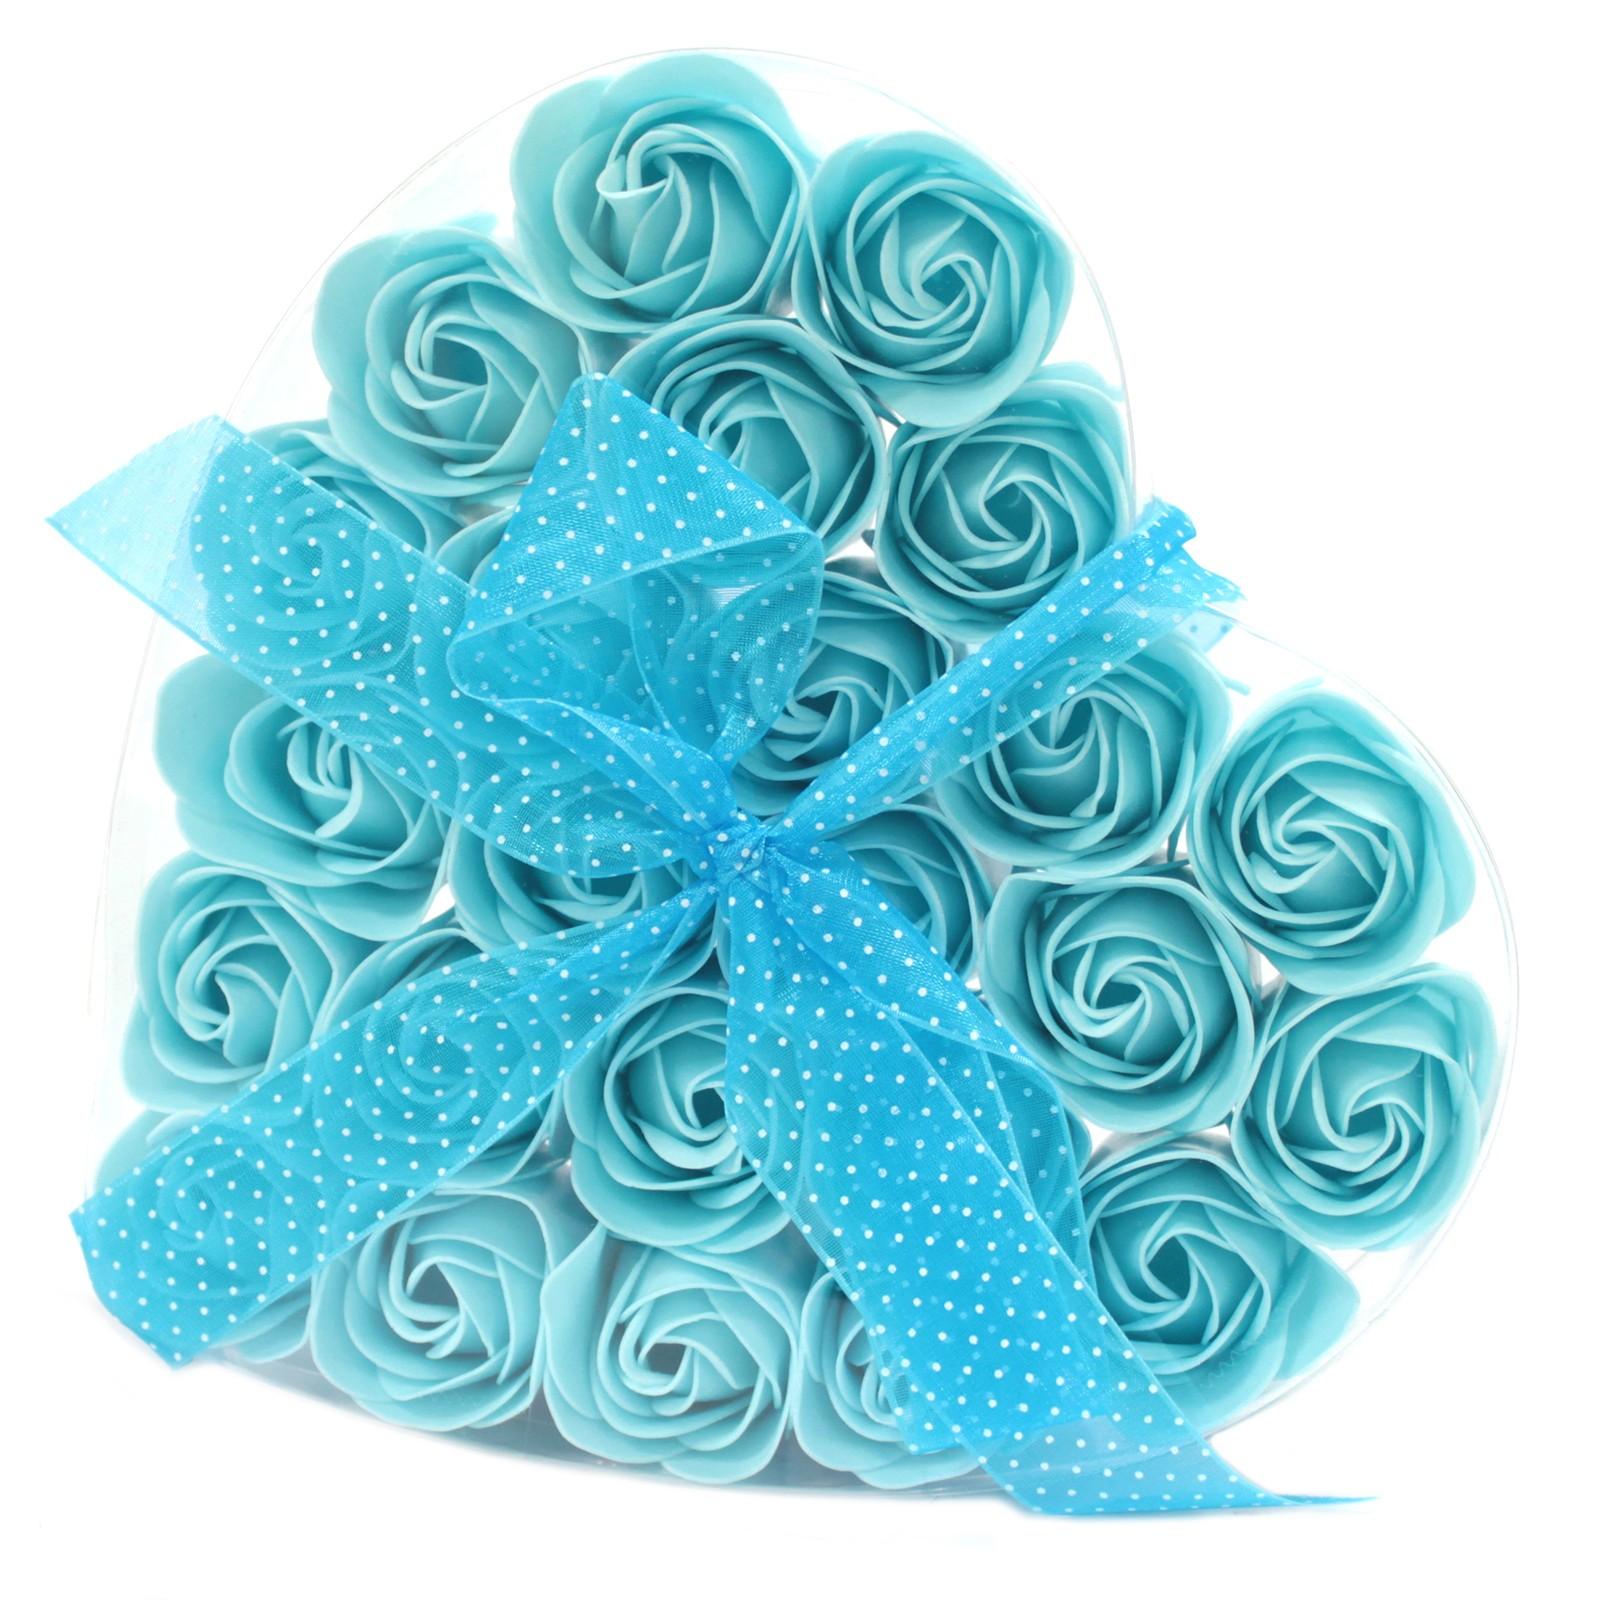 Set of 24 Soap Flower Heart Box Blue Roses